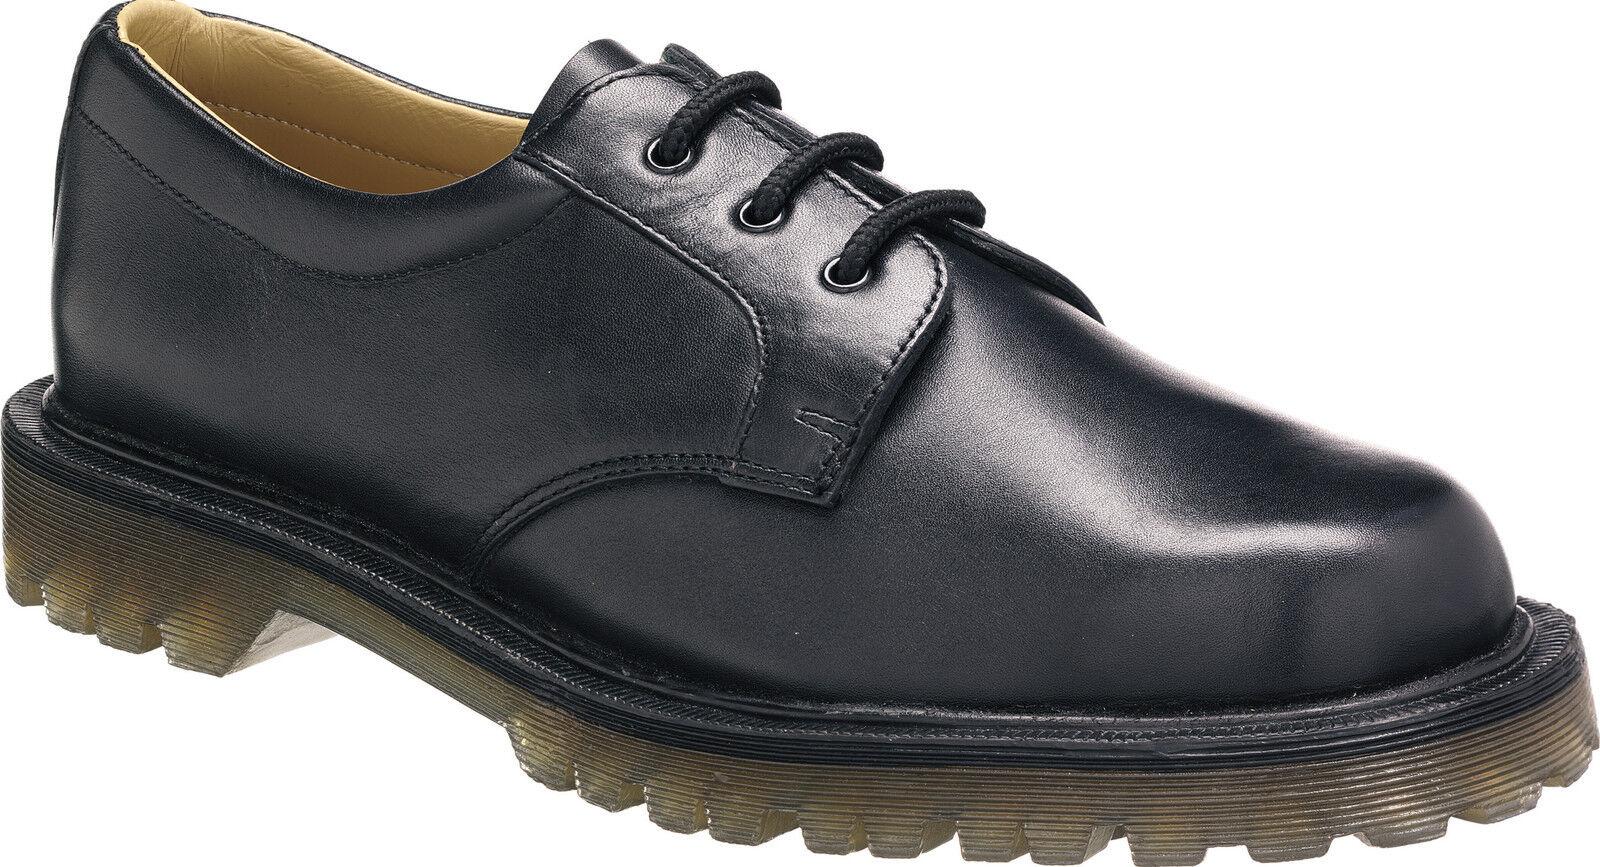 Tuffking 4222 Schwarze Gibson Herren Gibson Schwarze Luftkissen Qualitäts Leder Kostüm Schuhe e69d7a